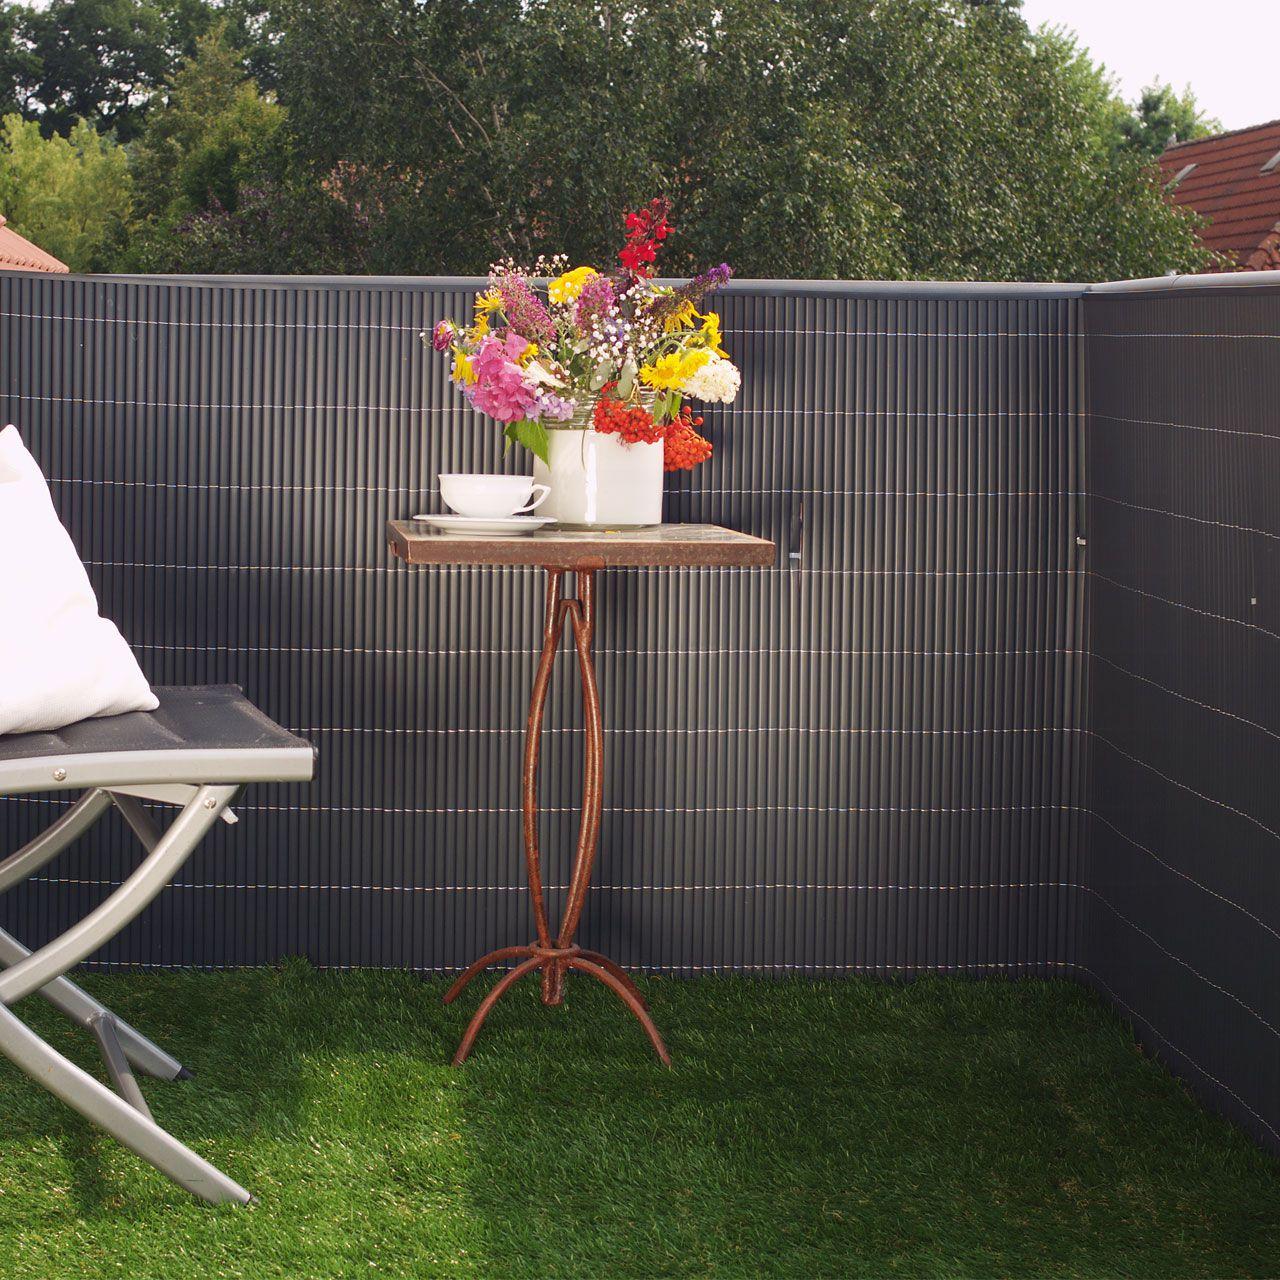 Sichtschutz Garten Kunststoff Anthrazit Cool Zaun Matten